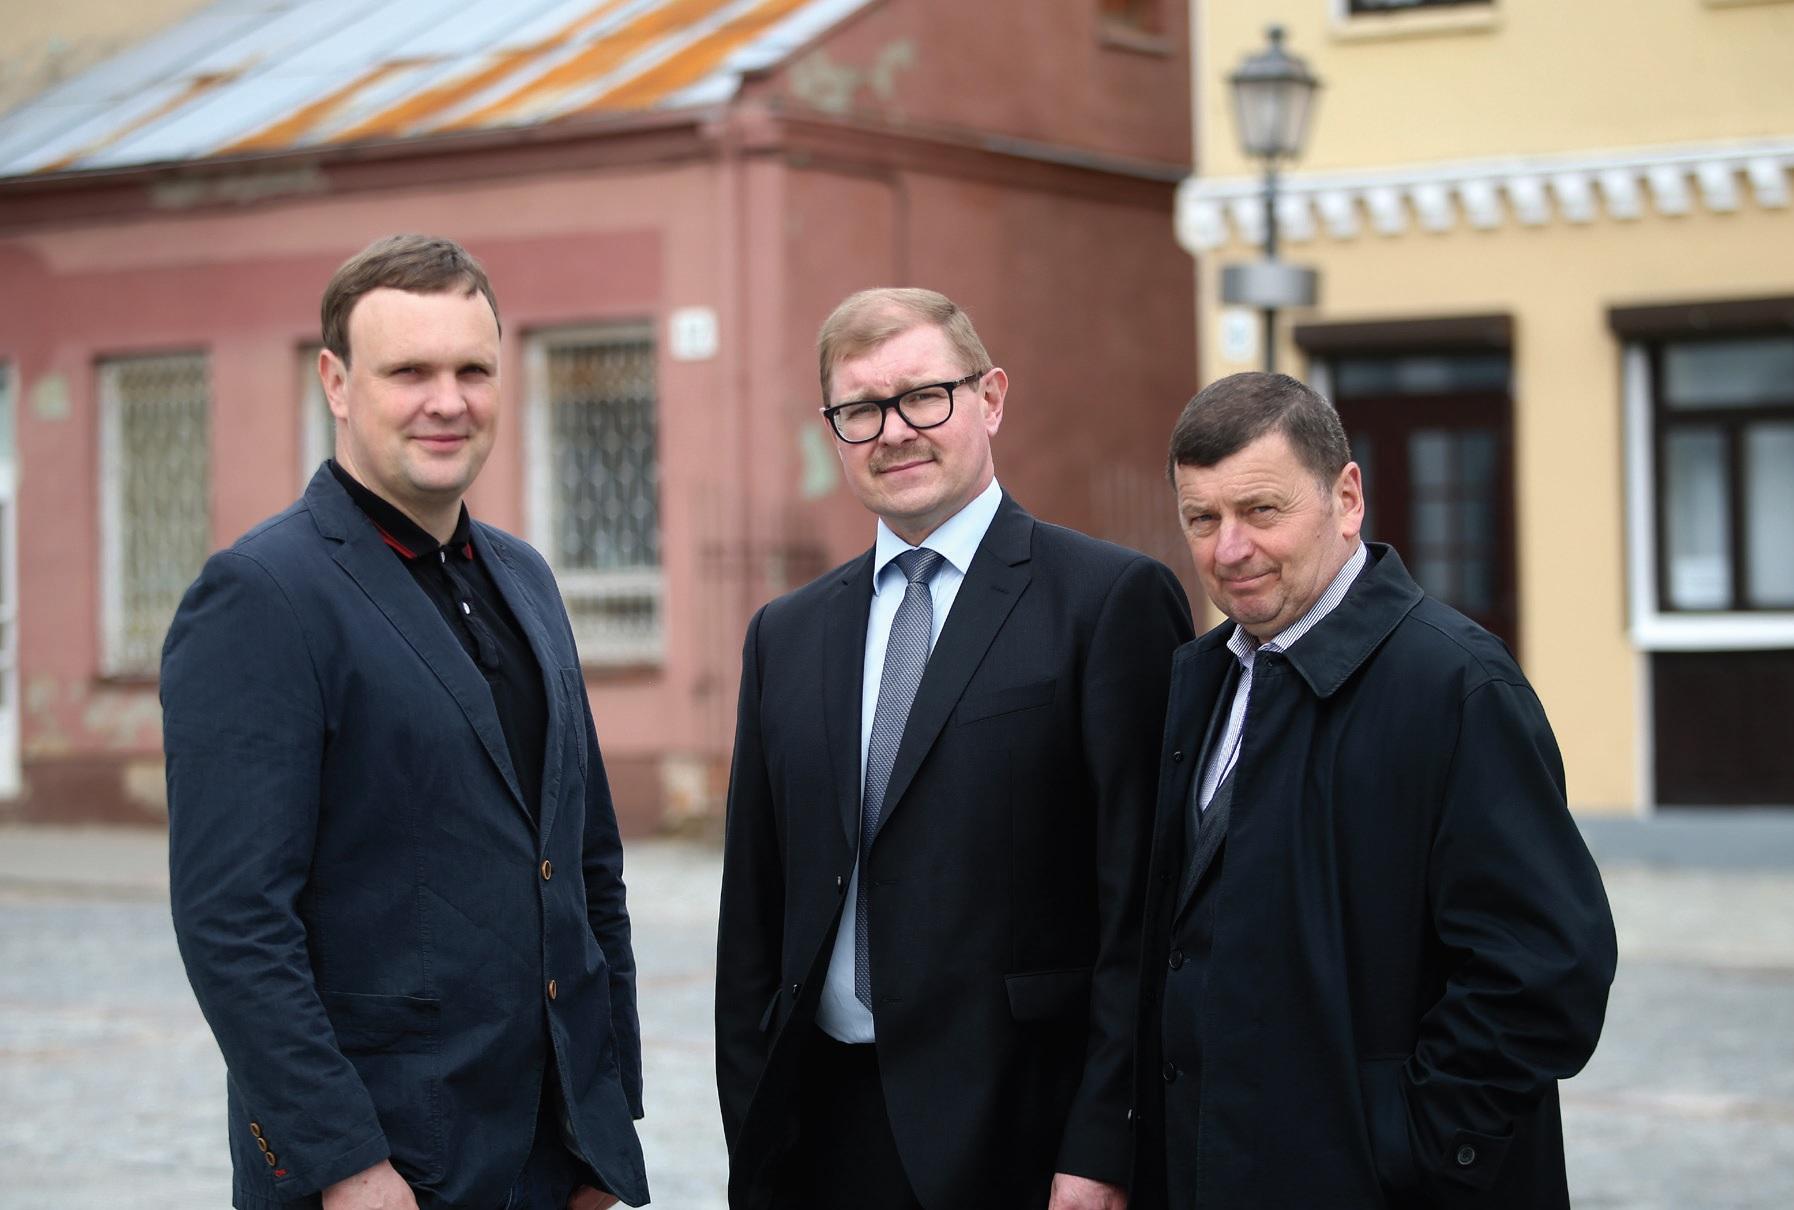 Valentinas Tamulis visuomet turi apie ką pasikalbėti su mieste sutiktais kolegomis iš visuomeninio judėjimo – gydytoju Alfredu Hofmanu (kairėje) ir ekonomistu Arūnu Kacevičiumi (centre). Algimanto Barzdžiaus nuotr.